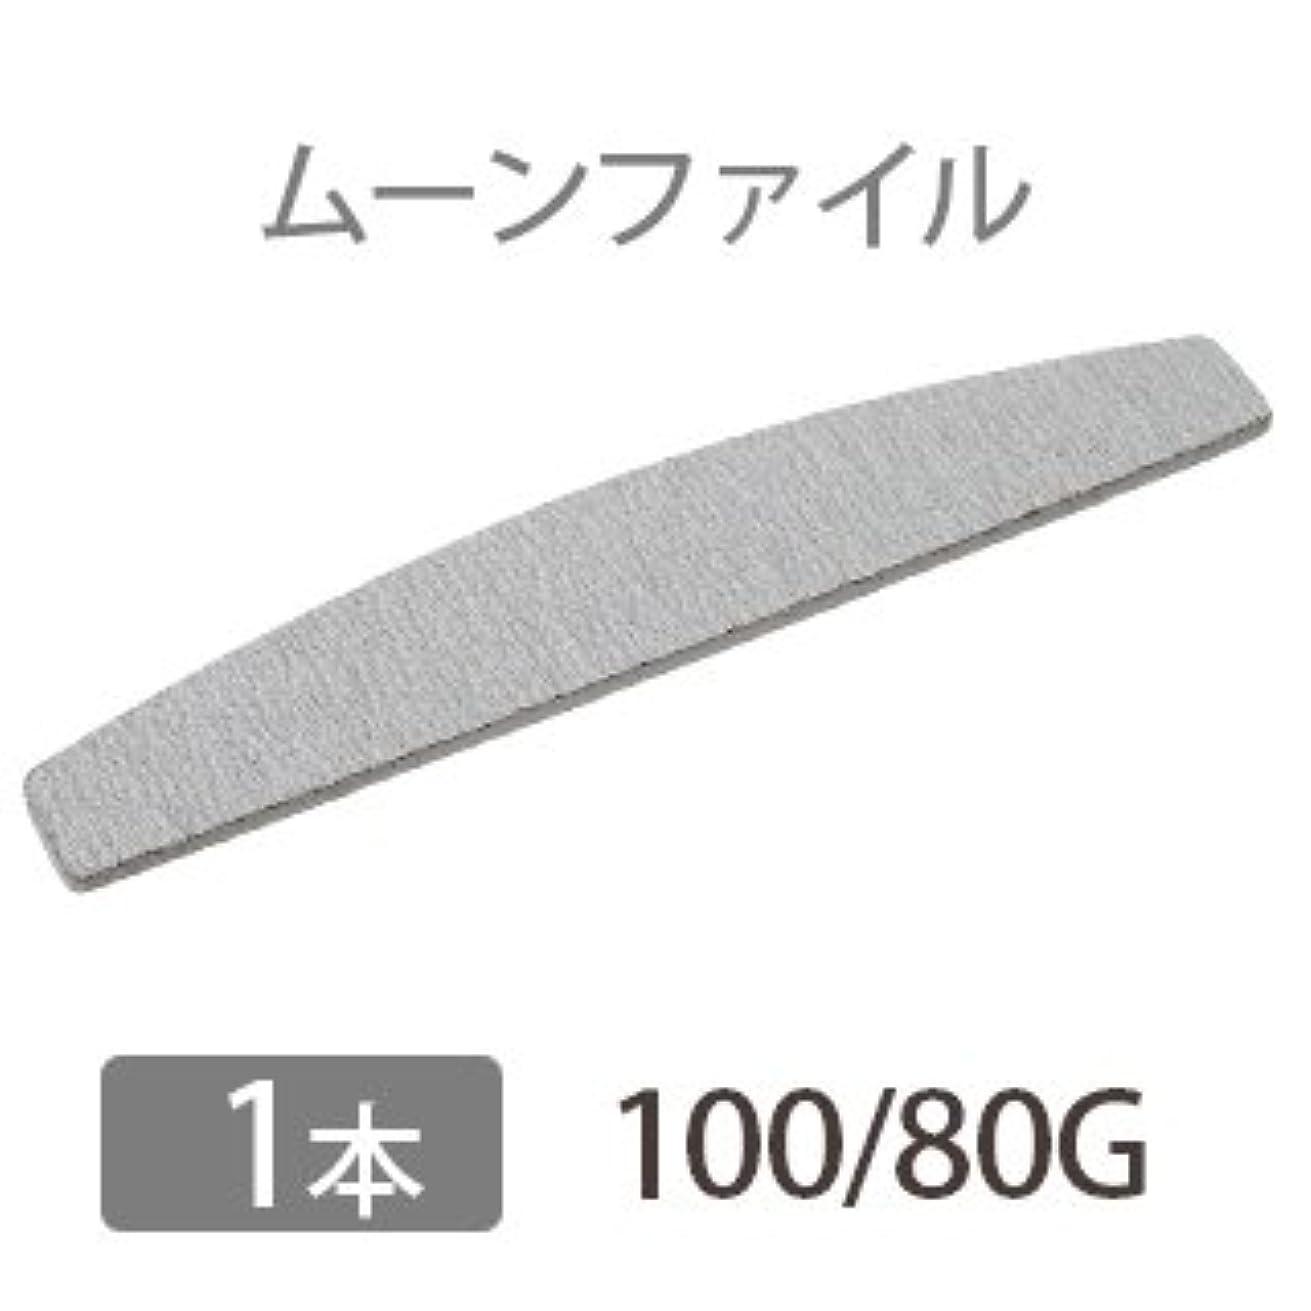 願望海外ムーンファイル 100/80 【ネイル オフ ケア用品】